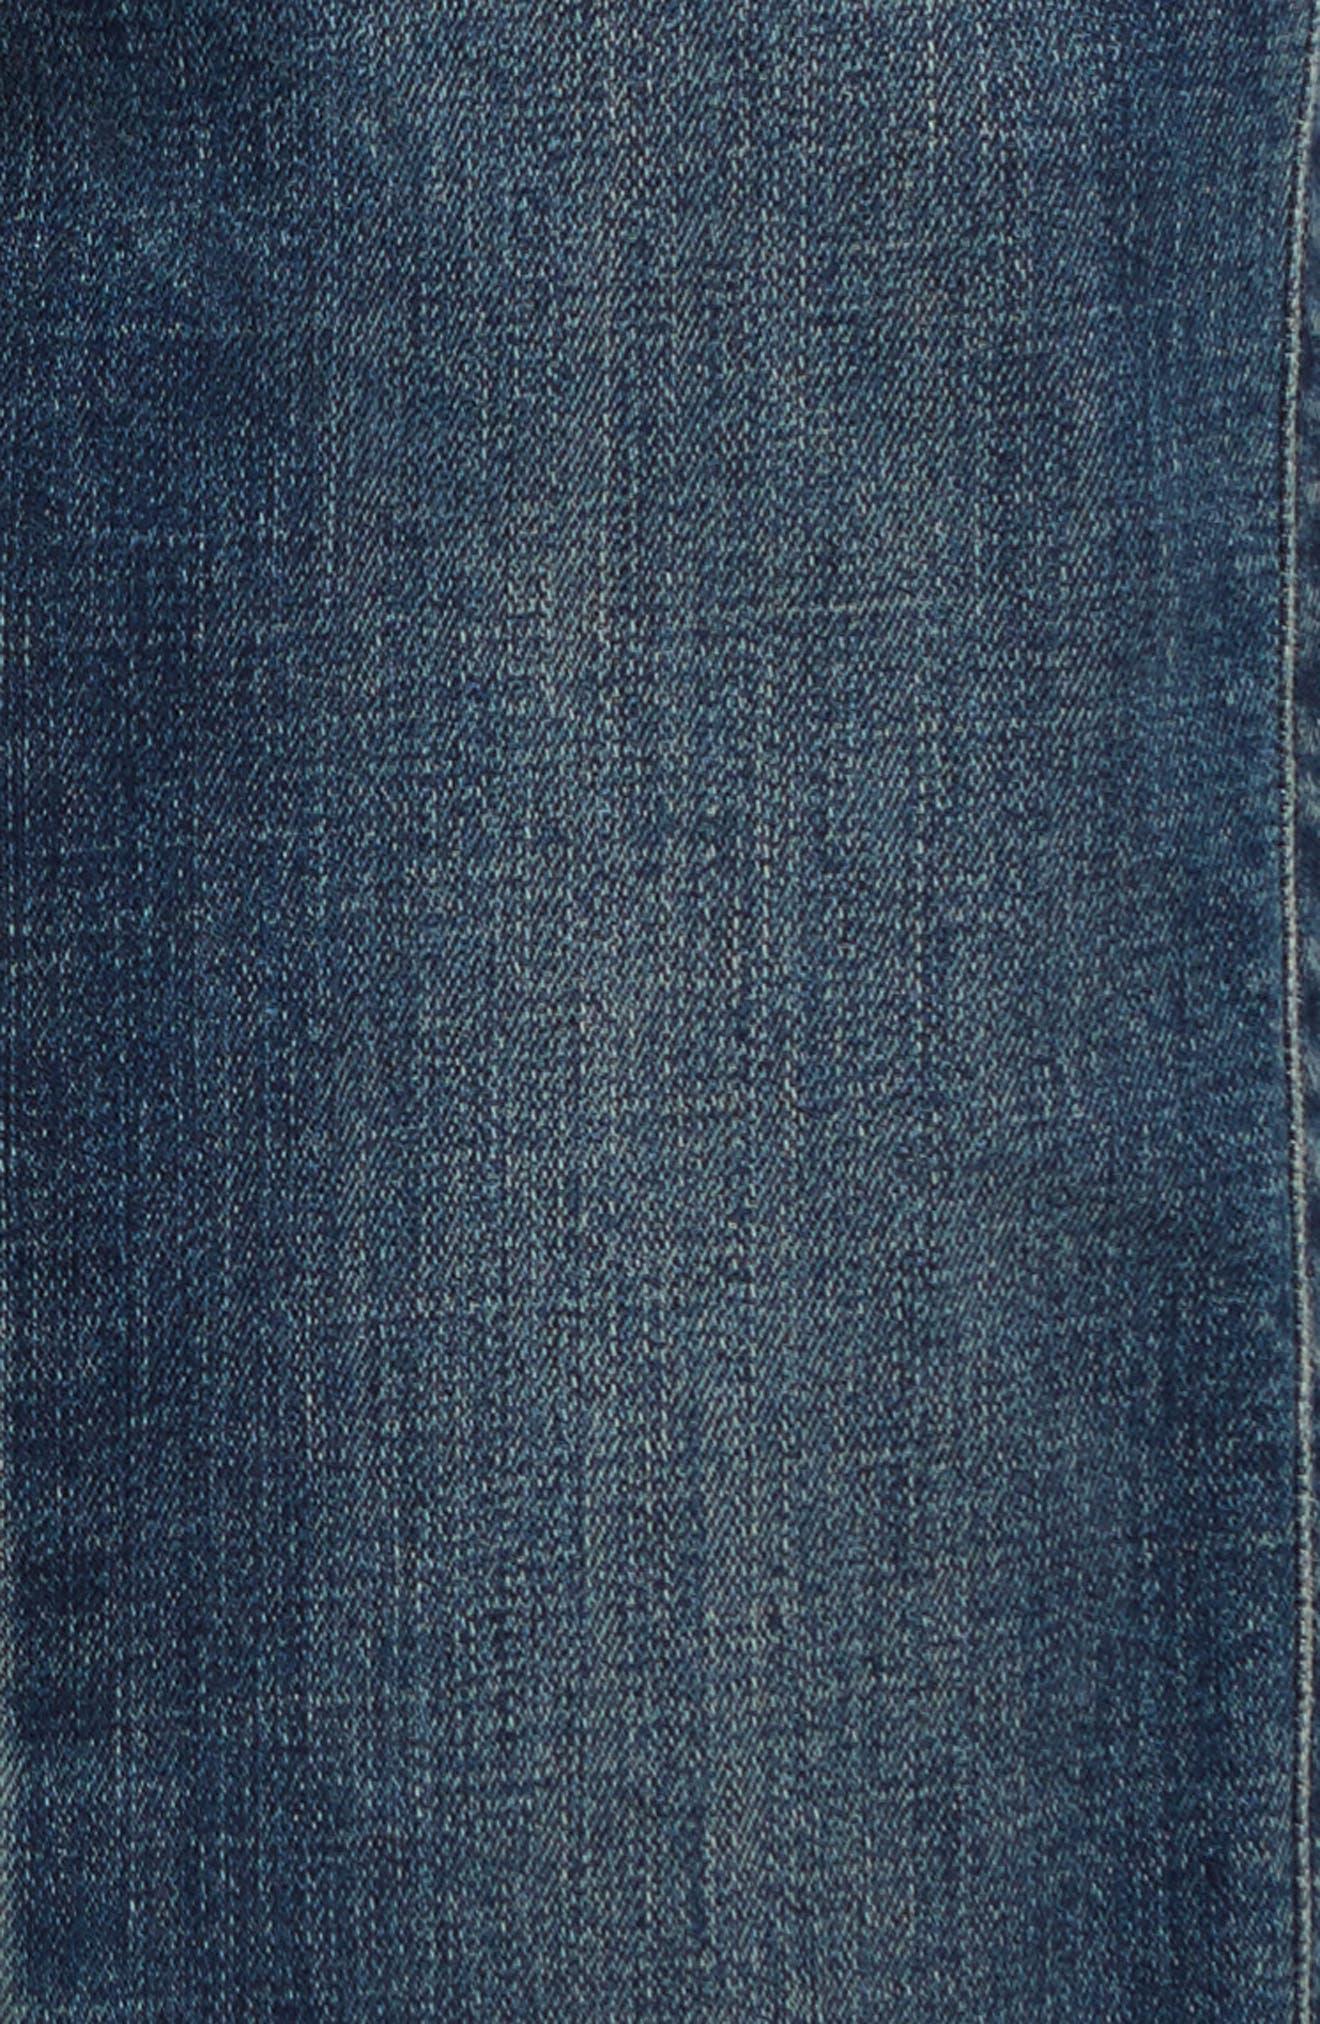 Alternate Image 3  - Tucker + Tate Straight Leg Jeans (Toddler Boys & Little Boys)